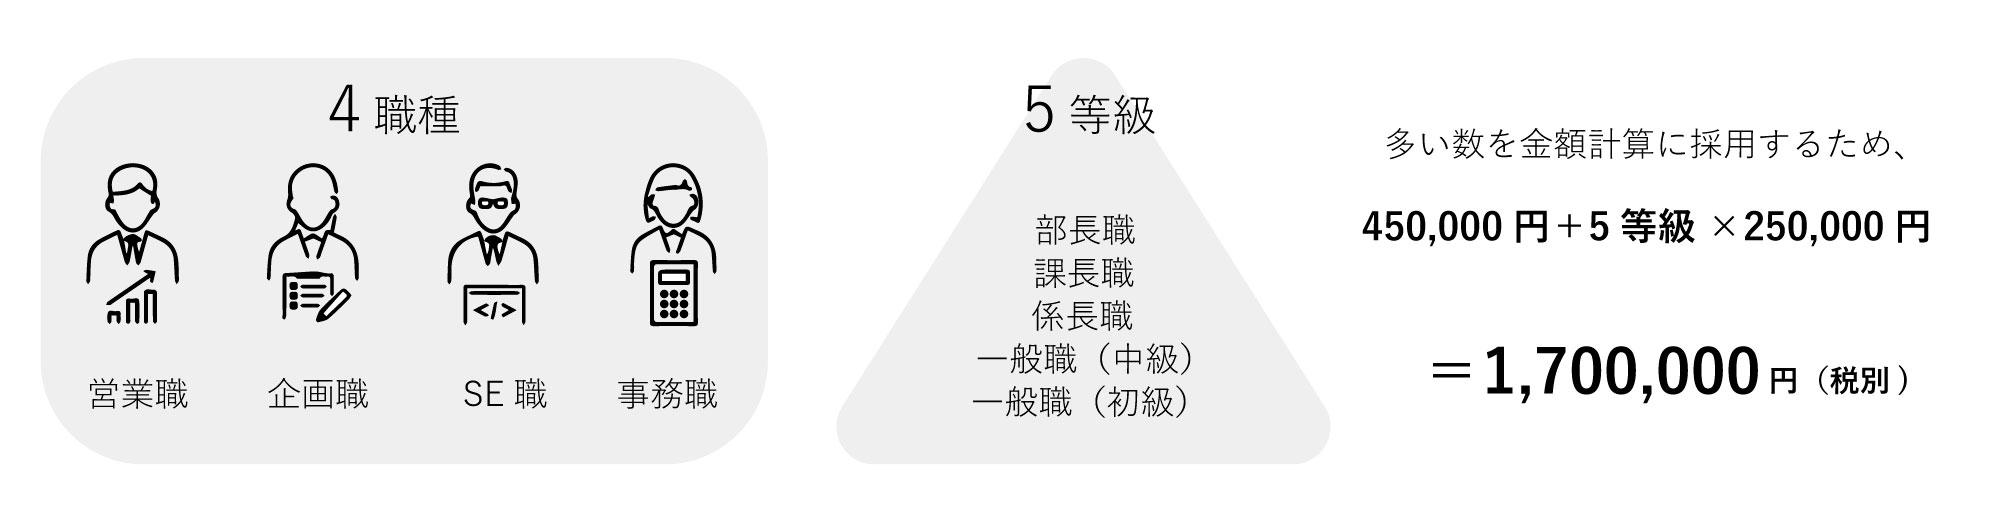 人事評価構築_料金シミュレーション